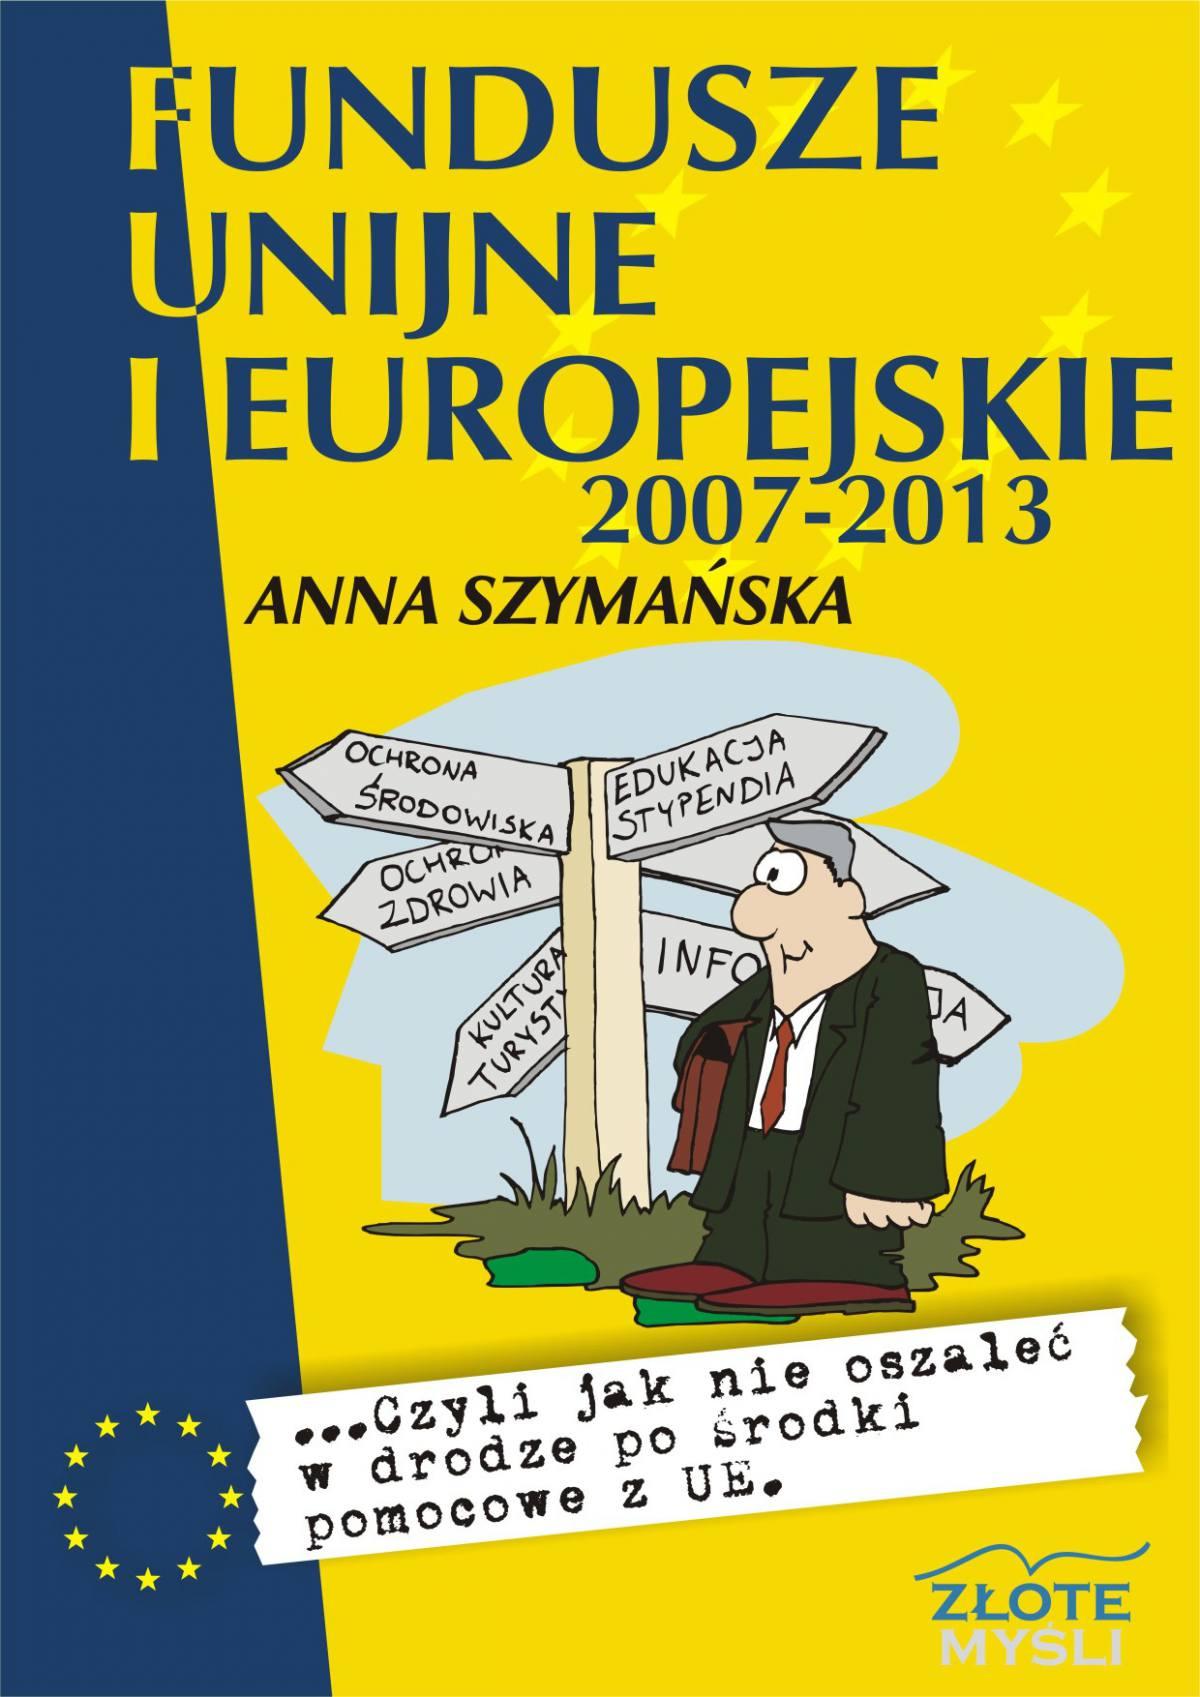 Fundusze unijne i europejskie - Ebook (Książka PDF) do pobrania w formacie PDF